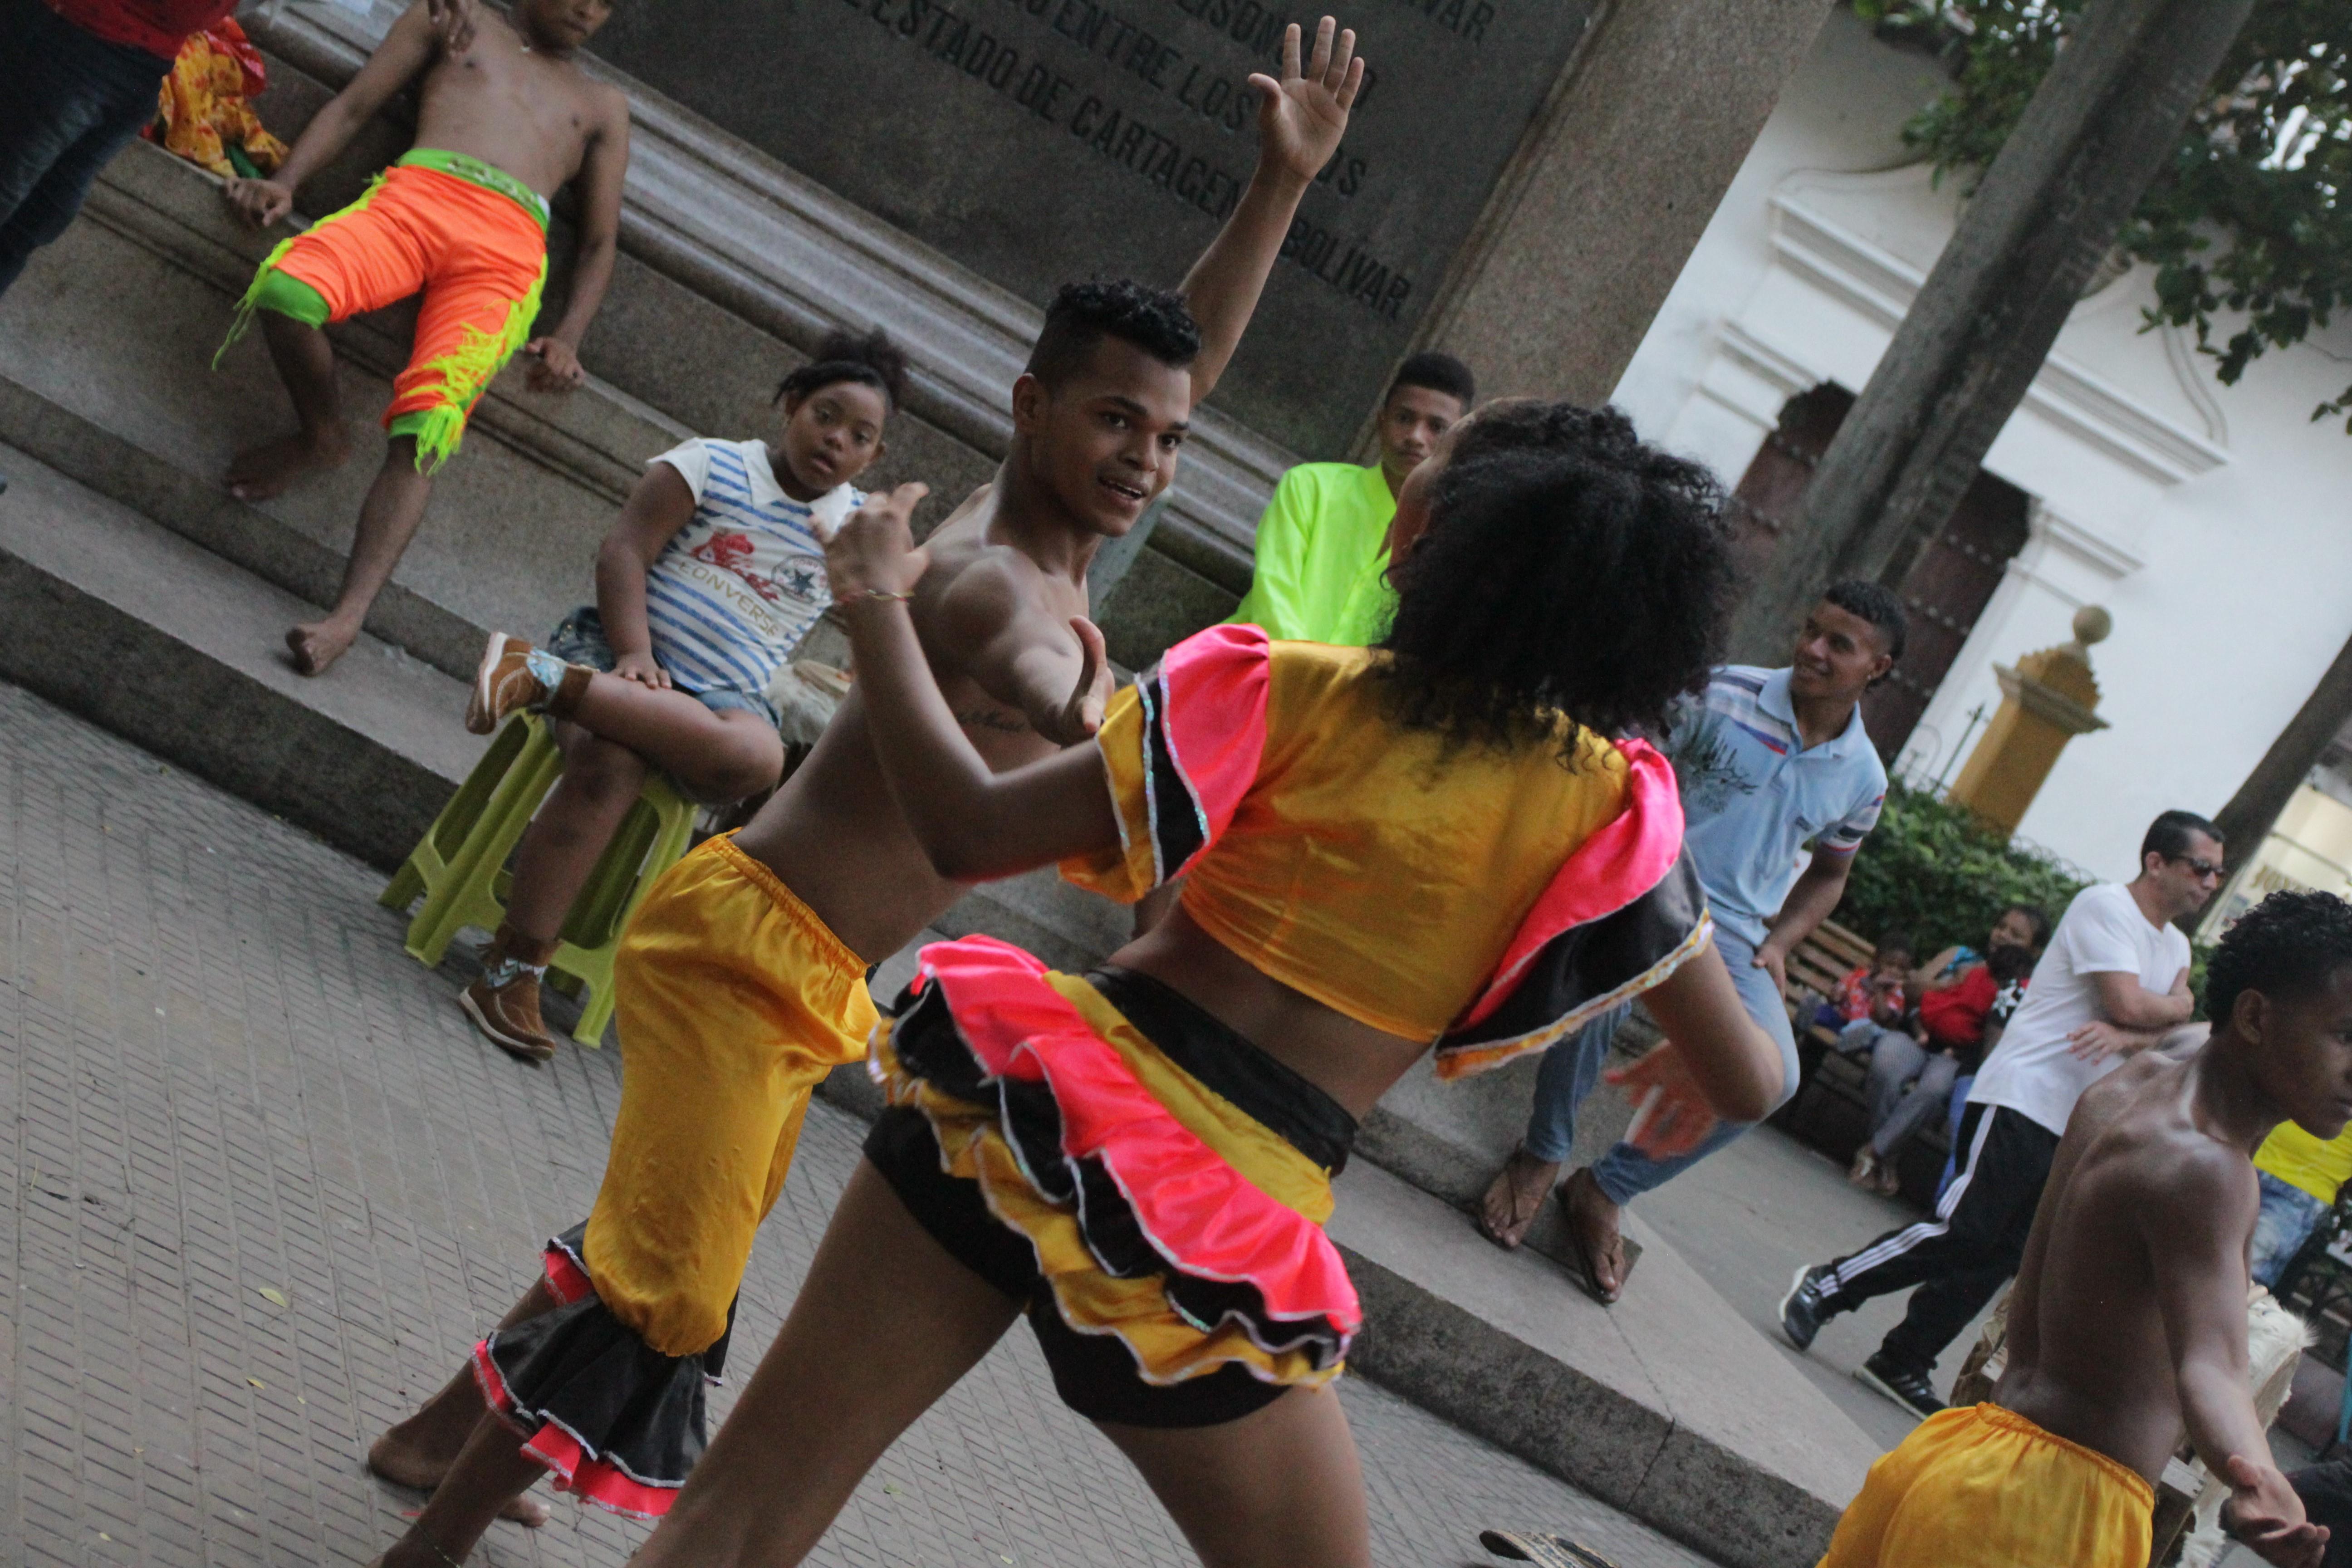 La vie de Carthagène est animée par de nombreux groupes de musique et de danse à toute heure de la journée (© Jérôme Decoster).